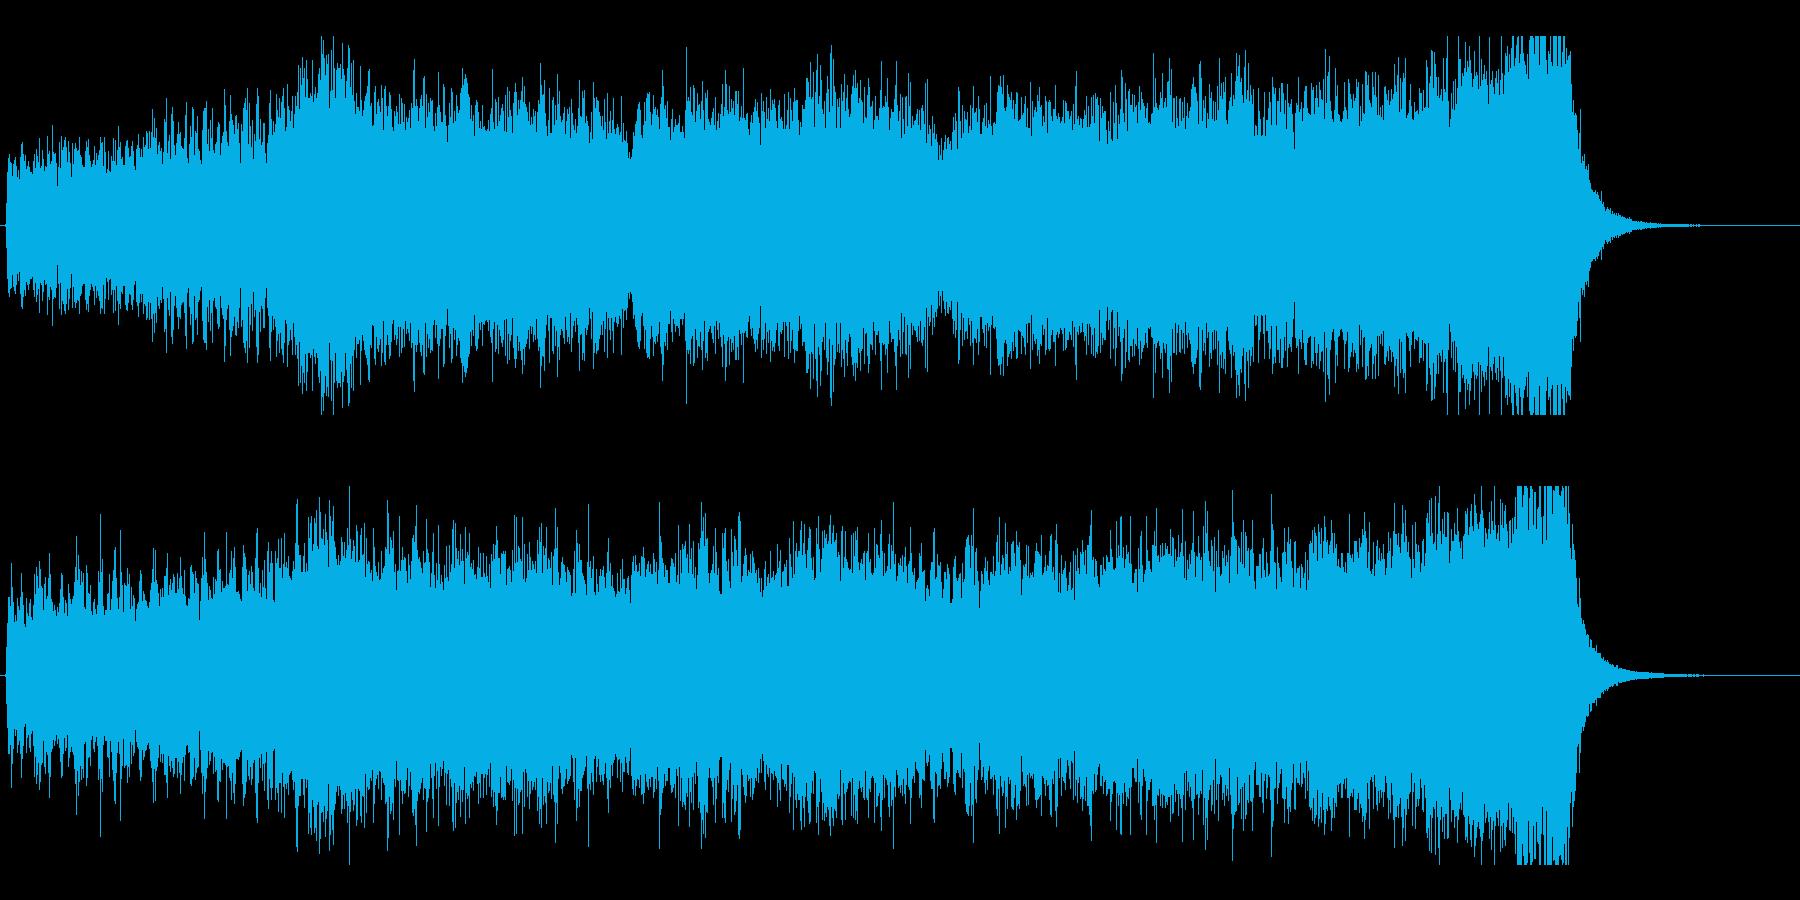 駆け抜ける壮大なストリングスの再生済みの波形